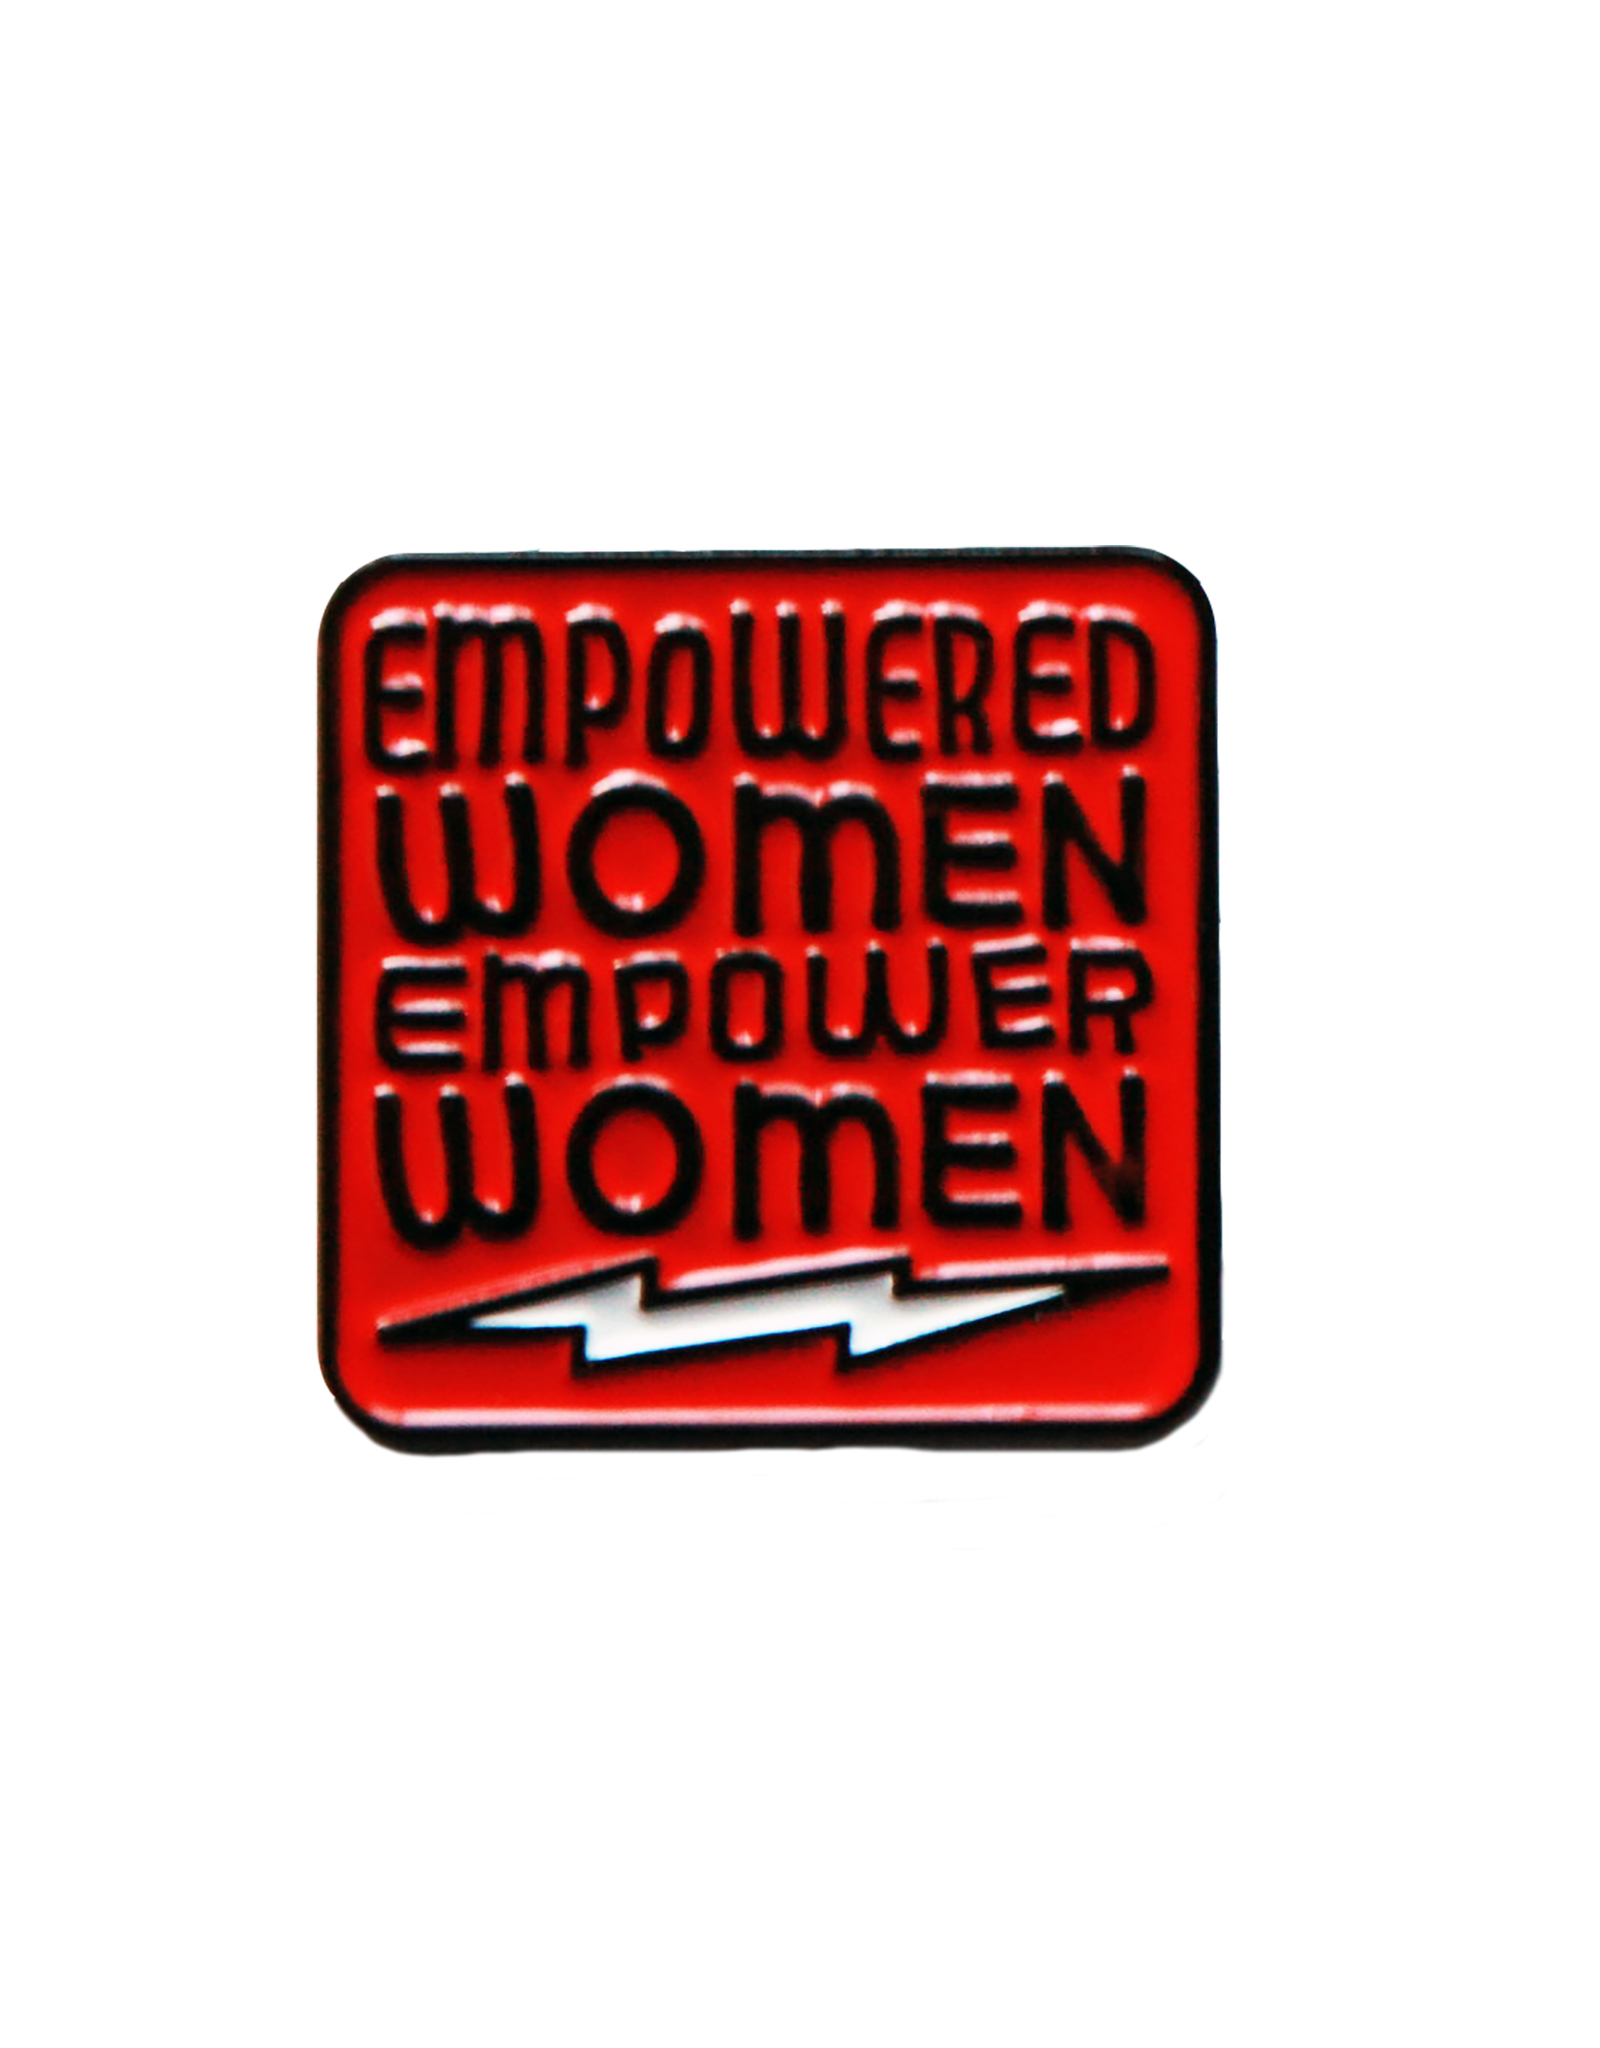 Pin - Empowered Women Empower Women